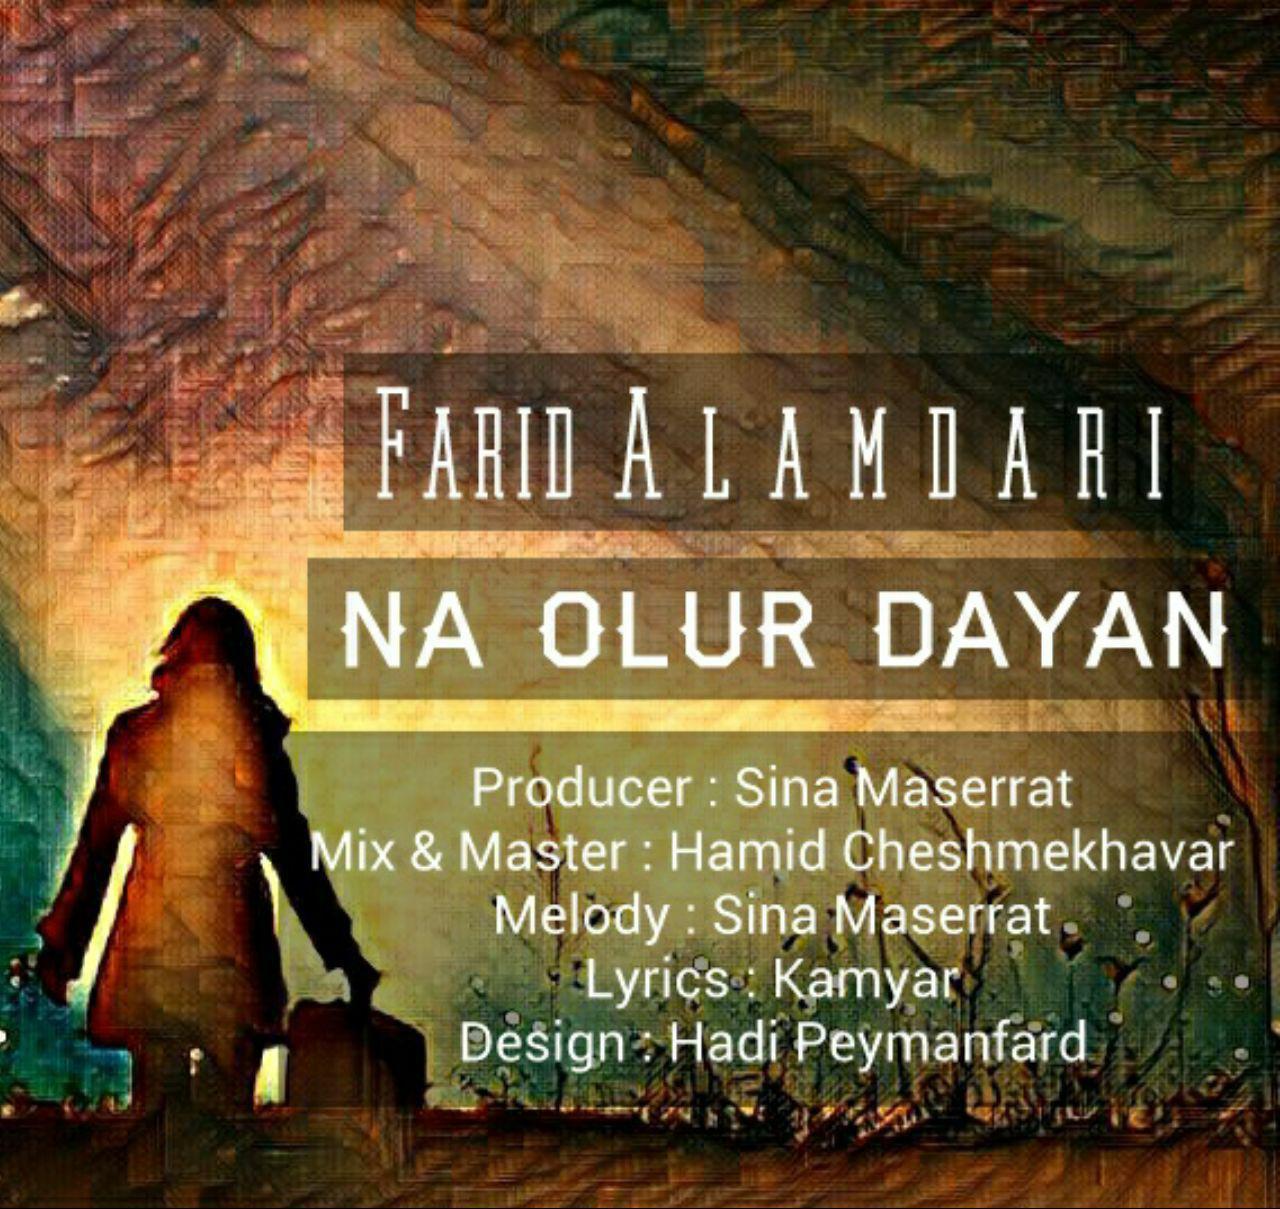 http://s8.picofile.com/file/8335240518/23Farid_Alamdari_Ne_Olur_Dayan.jpg